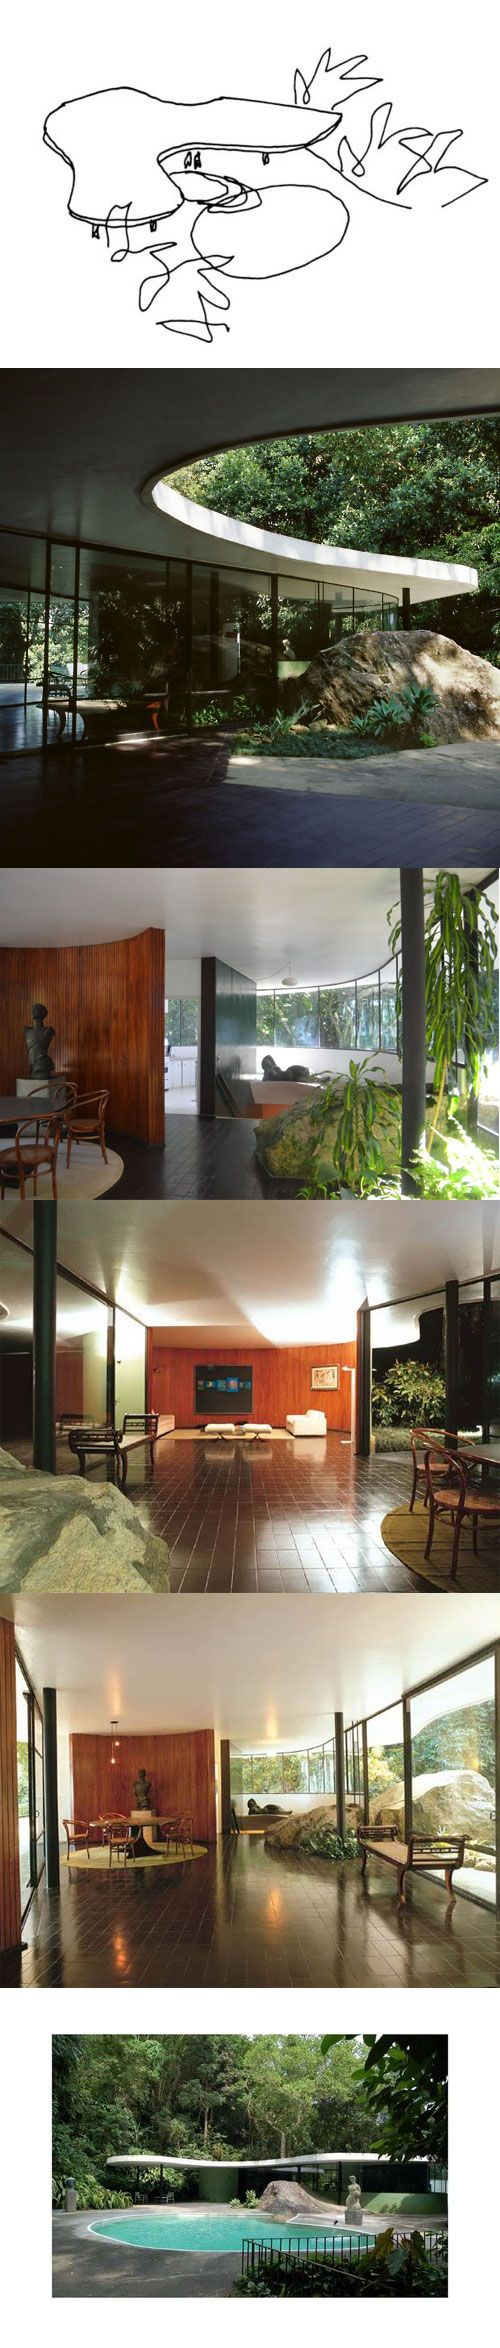 """En 1951, el arquitecto modernista Oscar Niemeyer diseñó y construyó su propia residencia, la Casa das Canoas, en Río de Janeiro, Brasil. """"Mi preocupación fue el diseño de esta residencia con plena libertad, adaptándola a los desniveles del terreno, sin alterarla, lo que lo convierte en curvas, con el fin de permitir que la vegetación penetre ellos, sin la separación explícita de la recta."""" - Oscar Niemeyer:"""